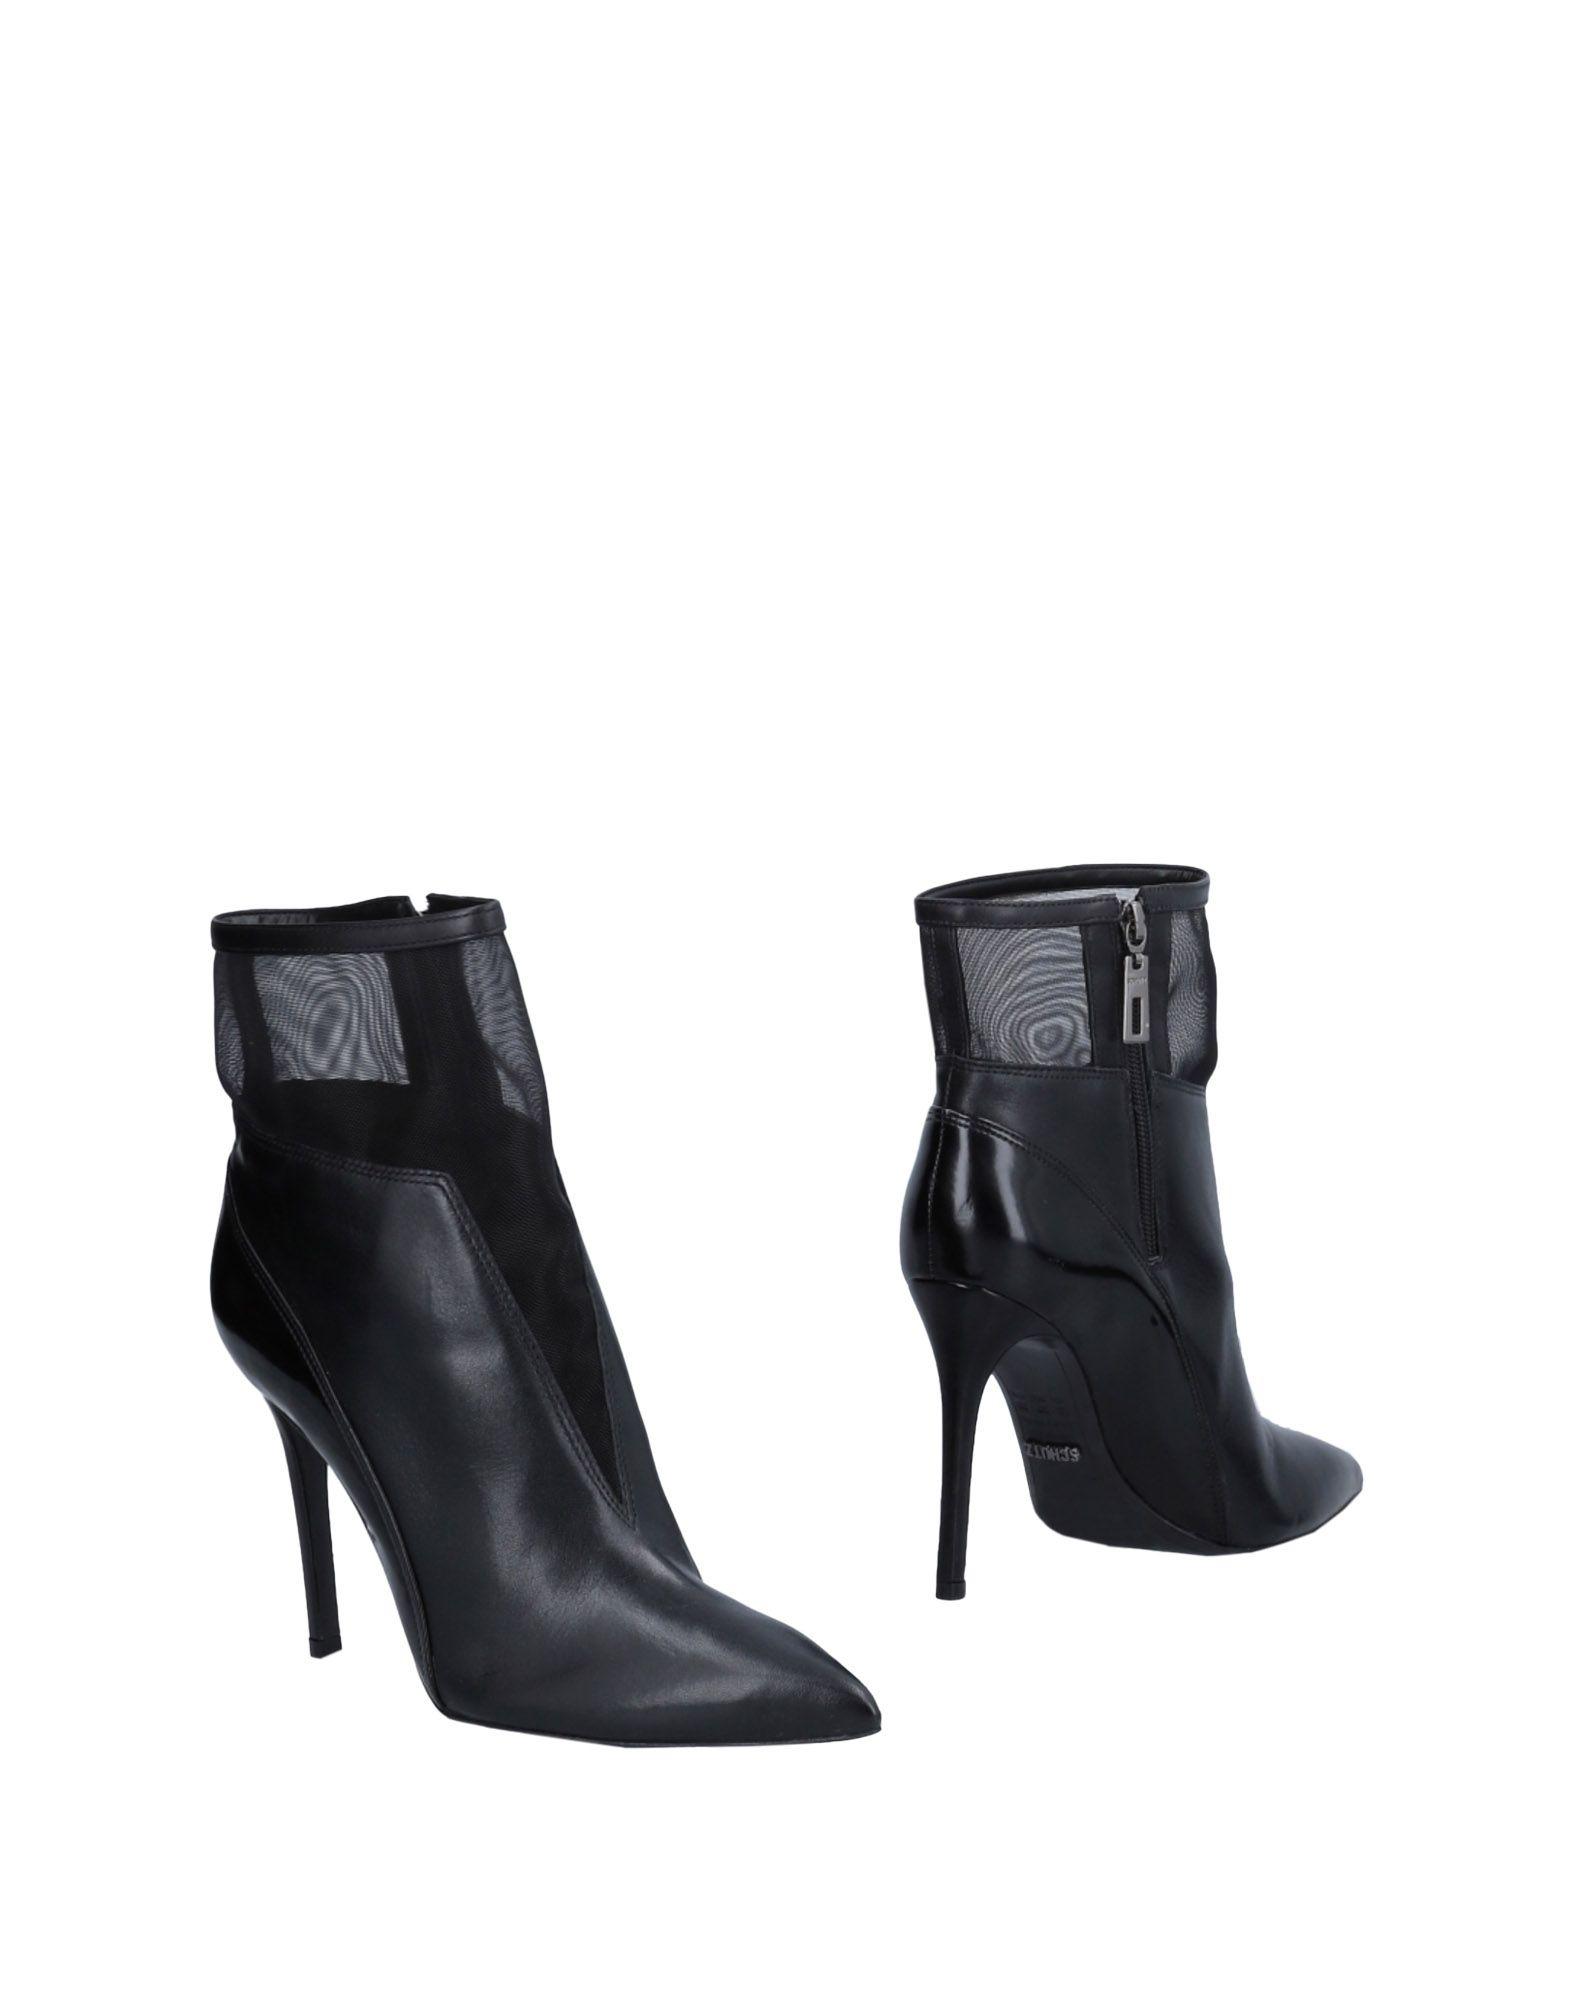 Stilvolle billige Schuhe Damen Schutz Stiefelette Damen Schuhe  11478507IH 542aa9